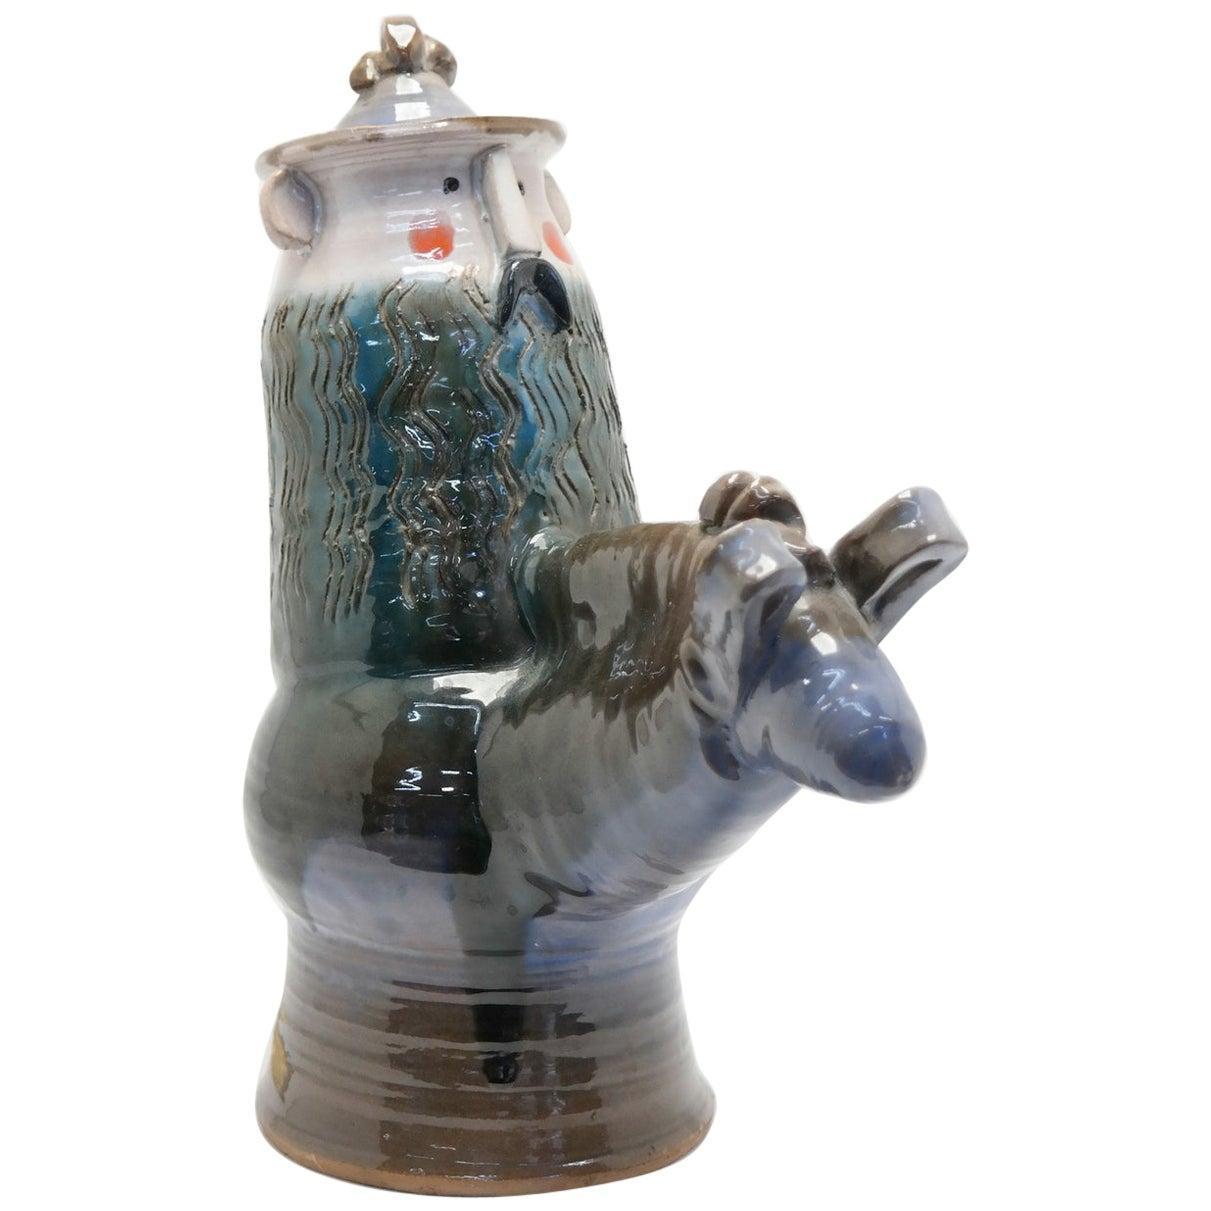 Signed, Glazed Ceramic Figure on Horse, 1970s